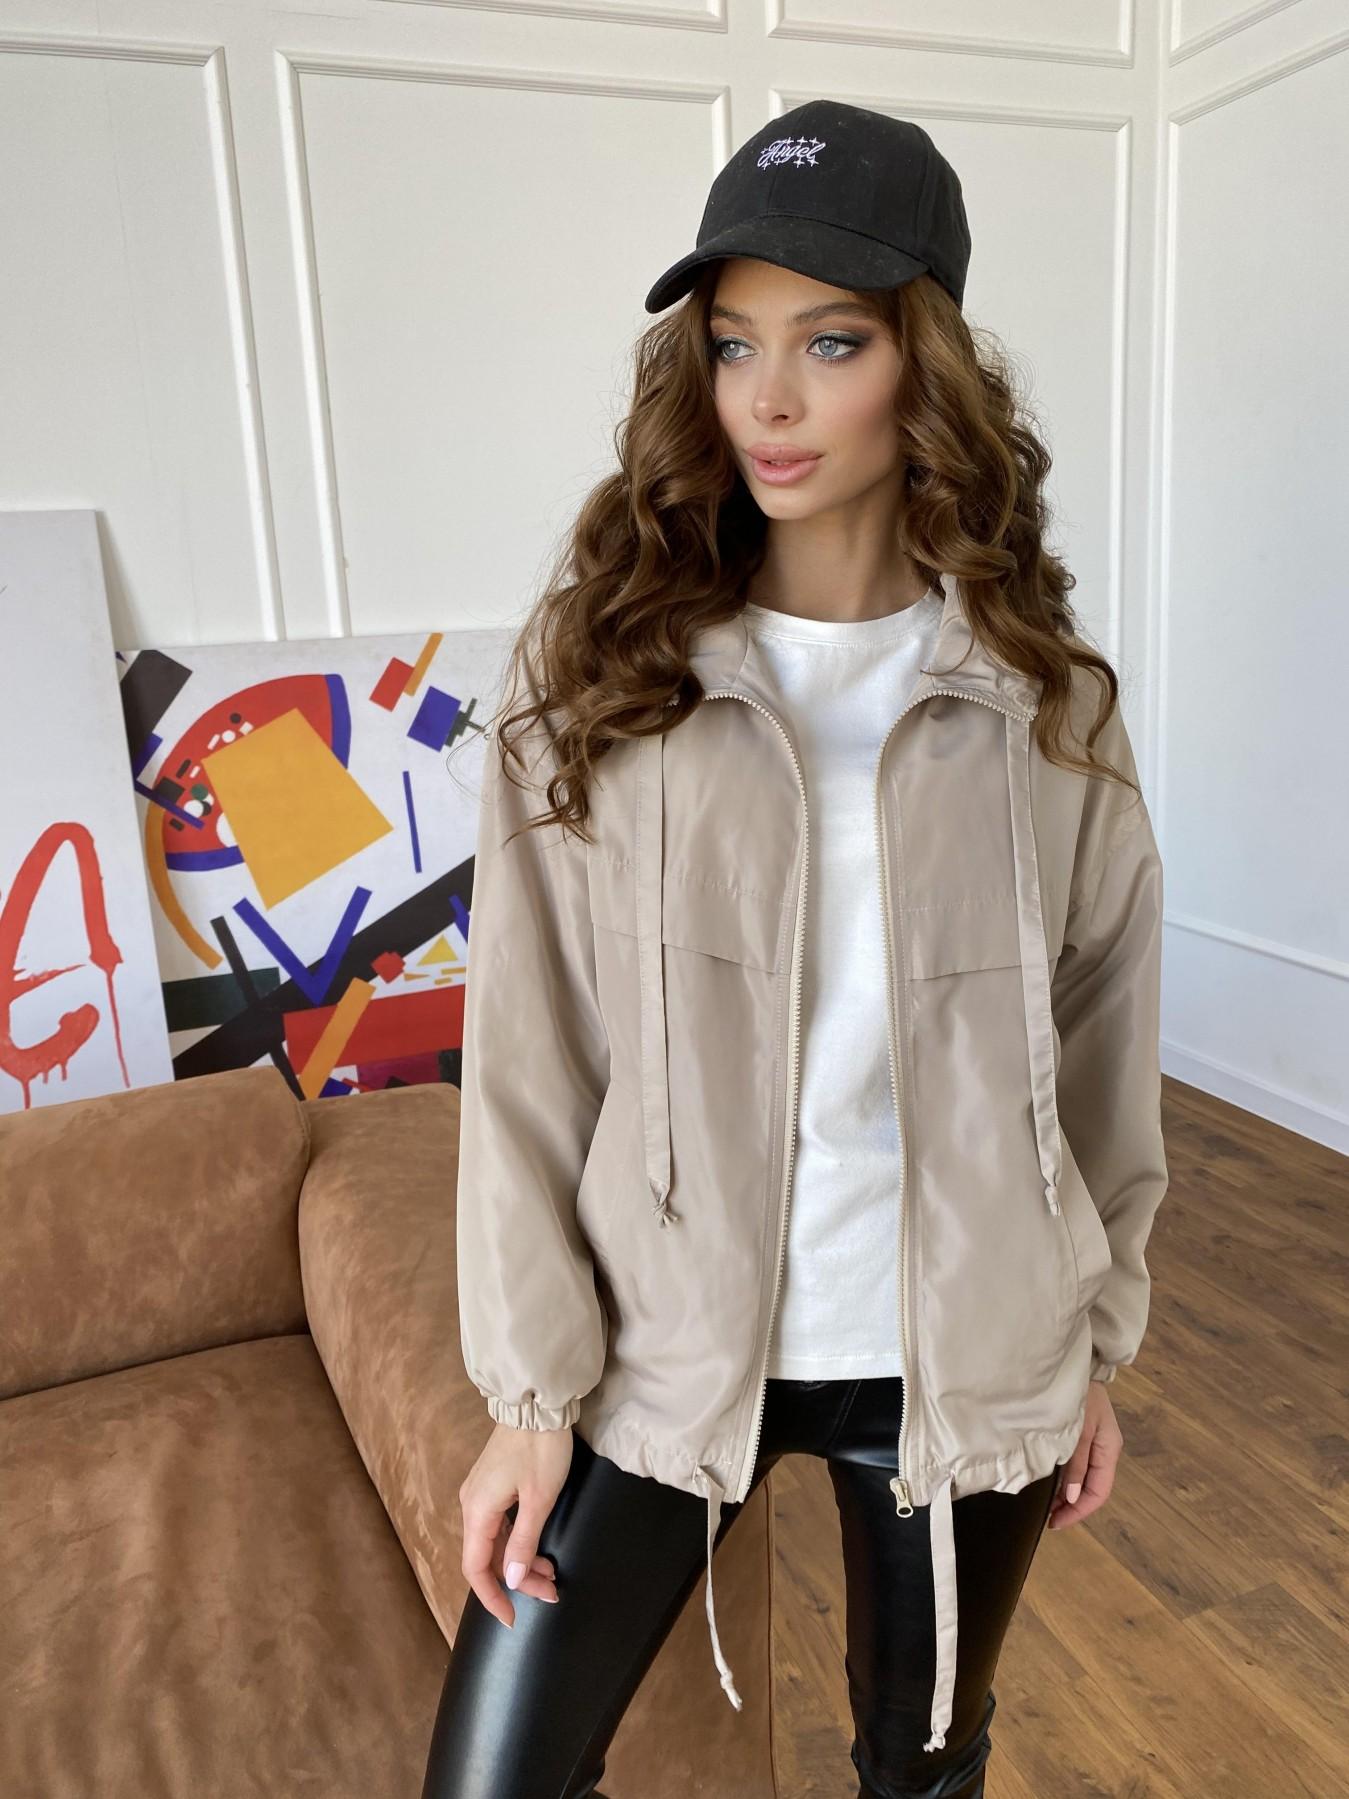 Фит куртка из плащевки Ammy 10971 АРТ. 47466 Цвет: Бежевый - фото 1, интернет магазин tm-modus.ru